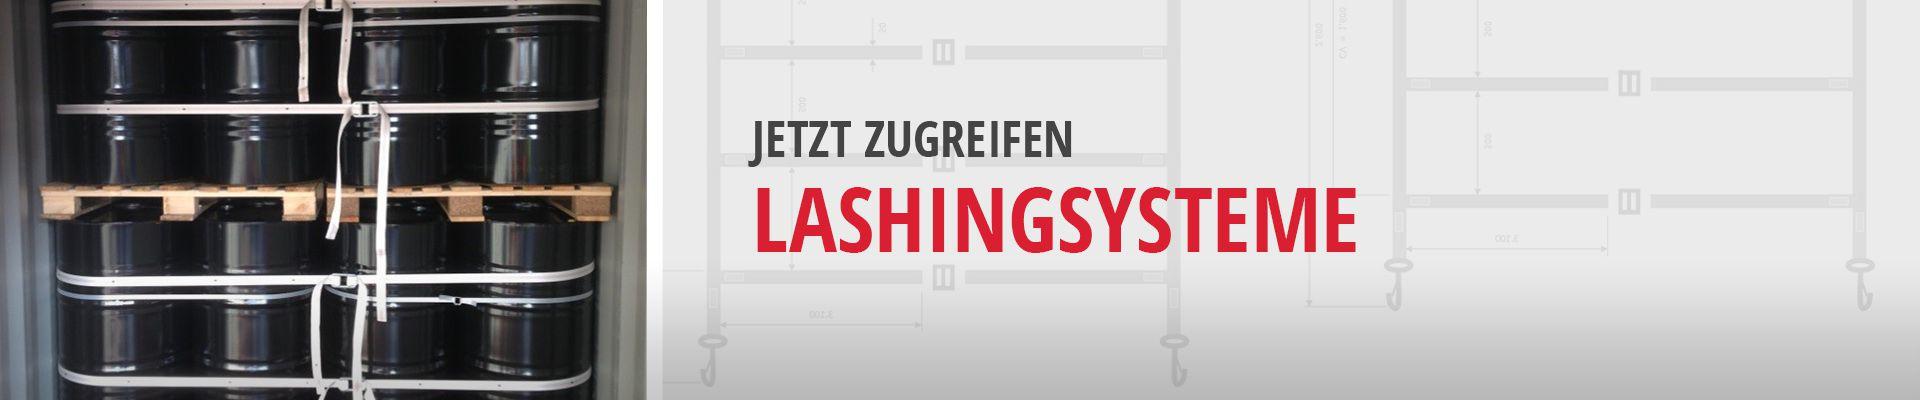 Lashing: Lashingsystem für eine professionelle Containersicherung